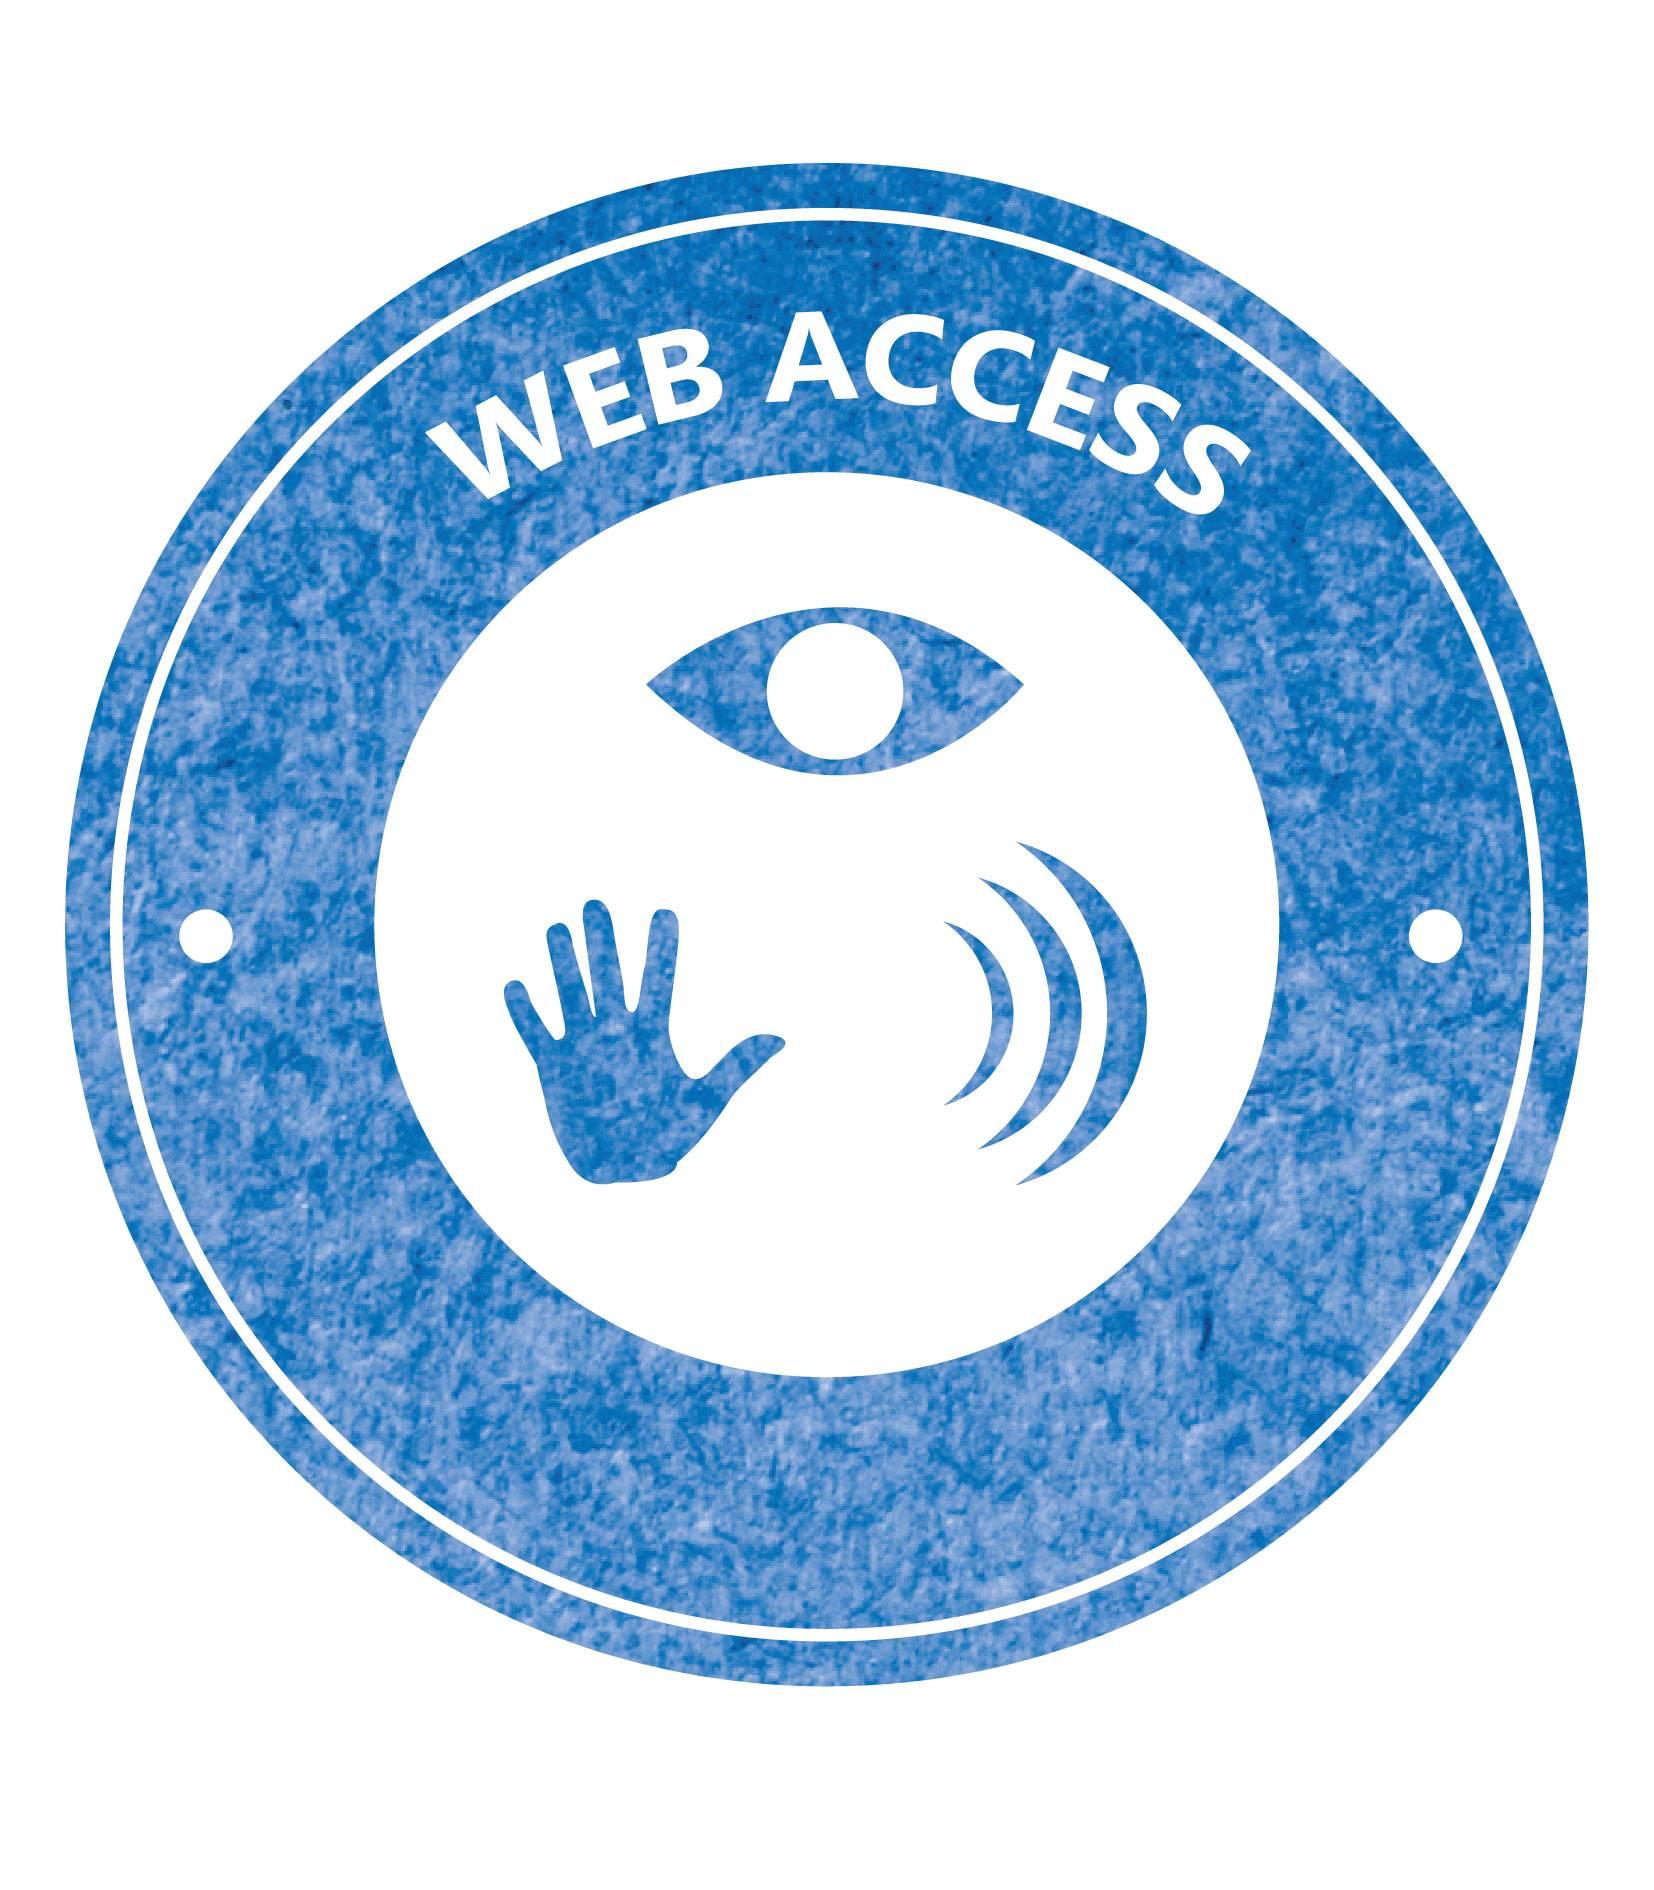 Declaración de Accesibilidad WCAG 2.1